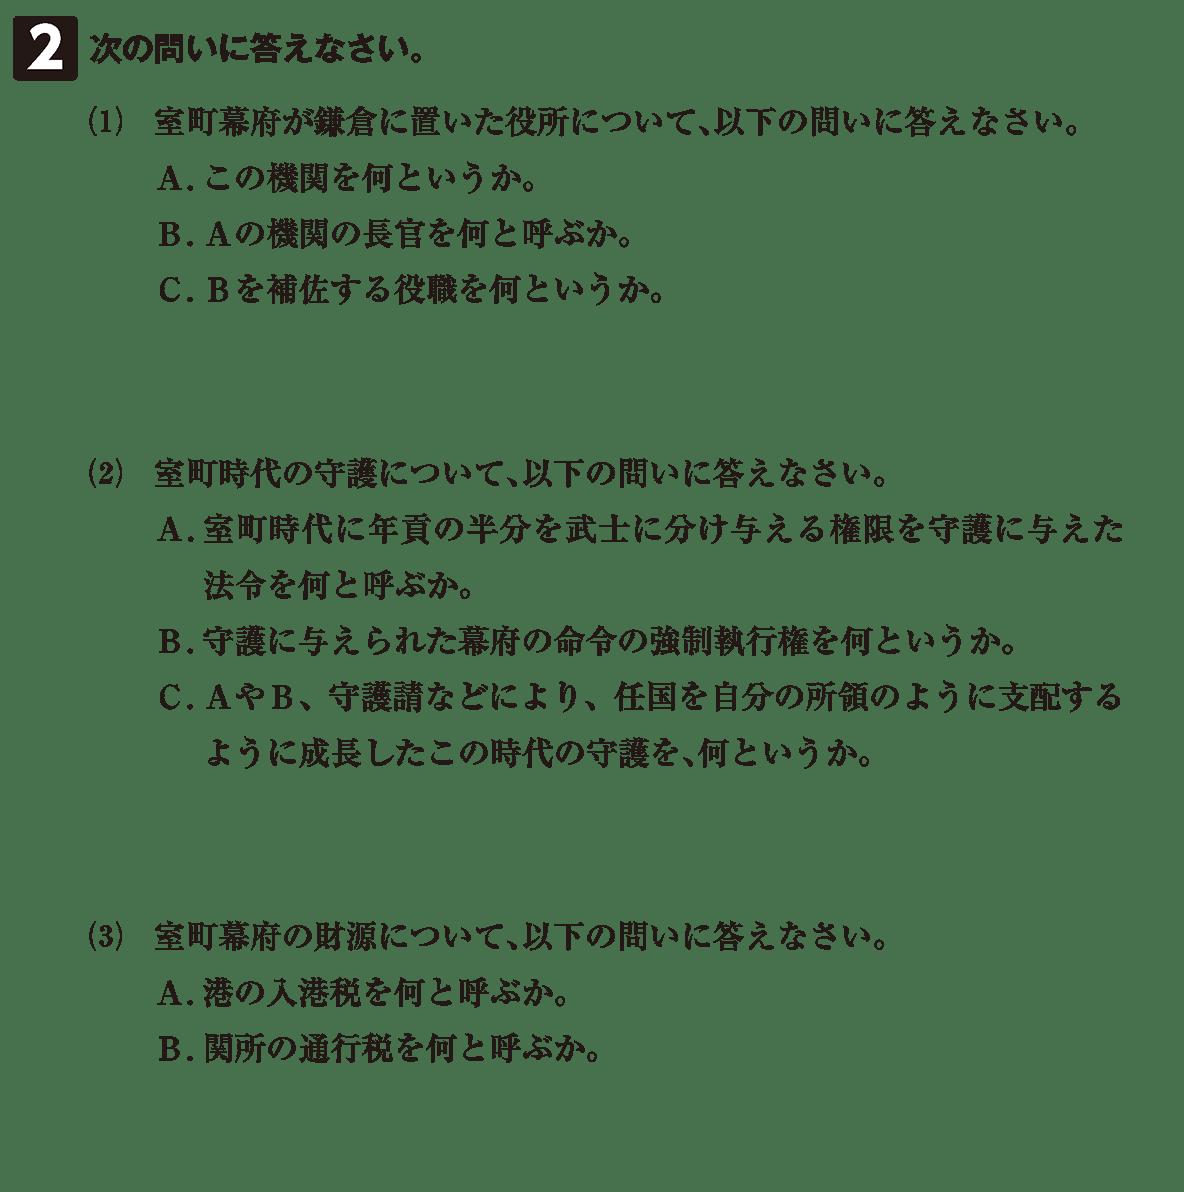 中世27 問題2 問題